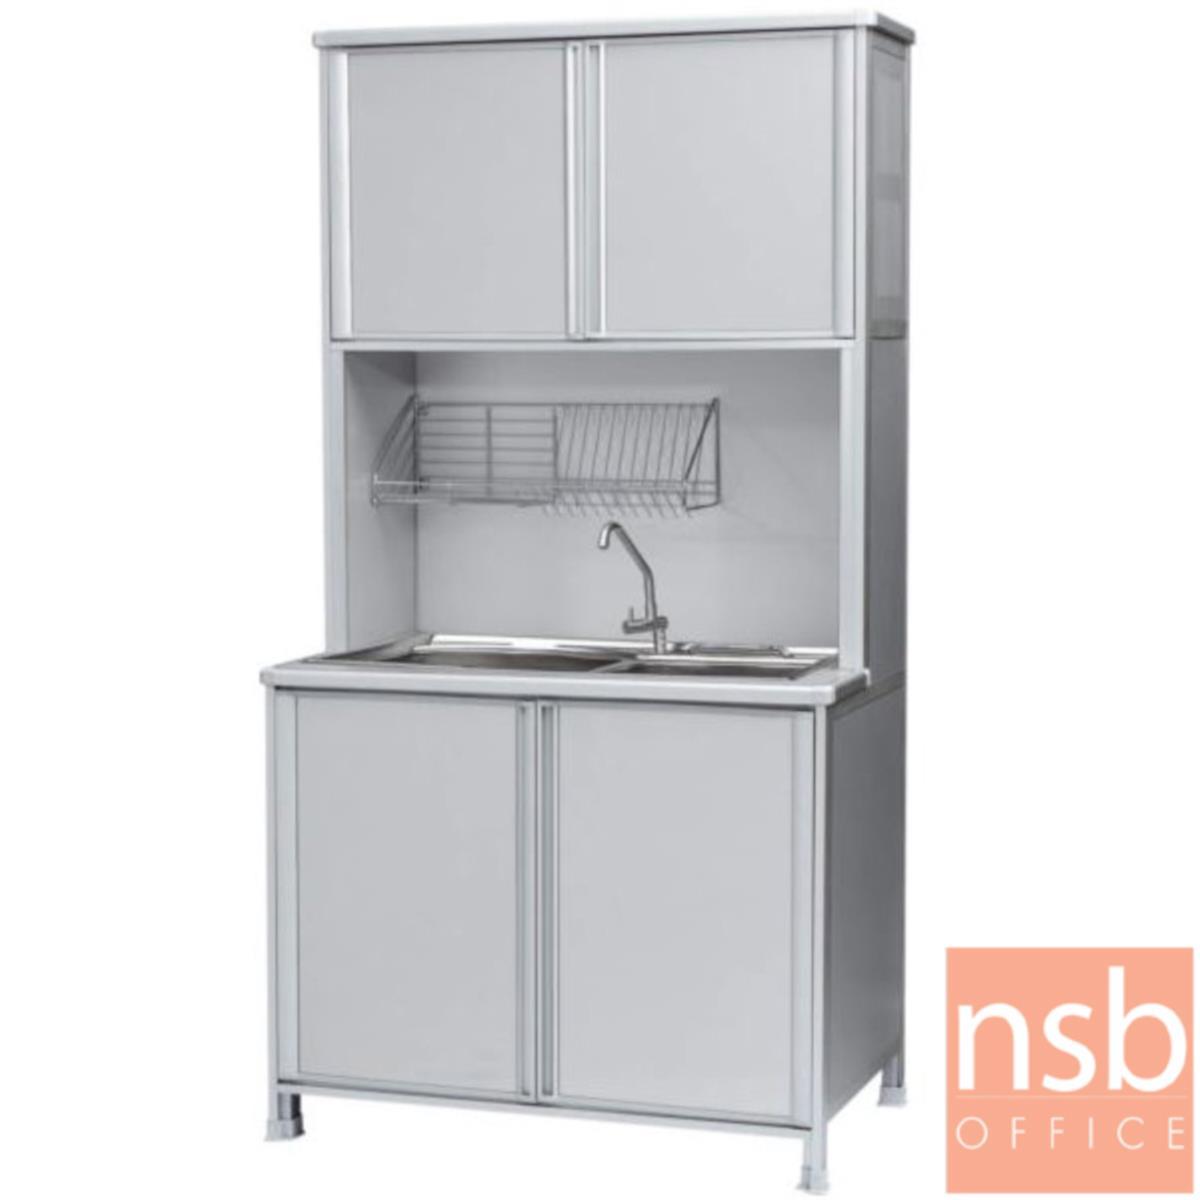 K09A010:ตู้ครัวอลูมิเนียมมีอ่างซิงค์ 2 หลุม พร้อมตู้ต่อบน  กว้าง 102 CM. รุ่น KCS-PM2